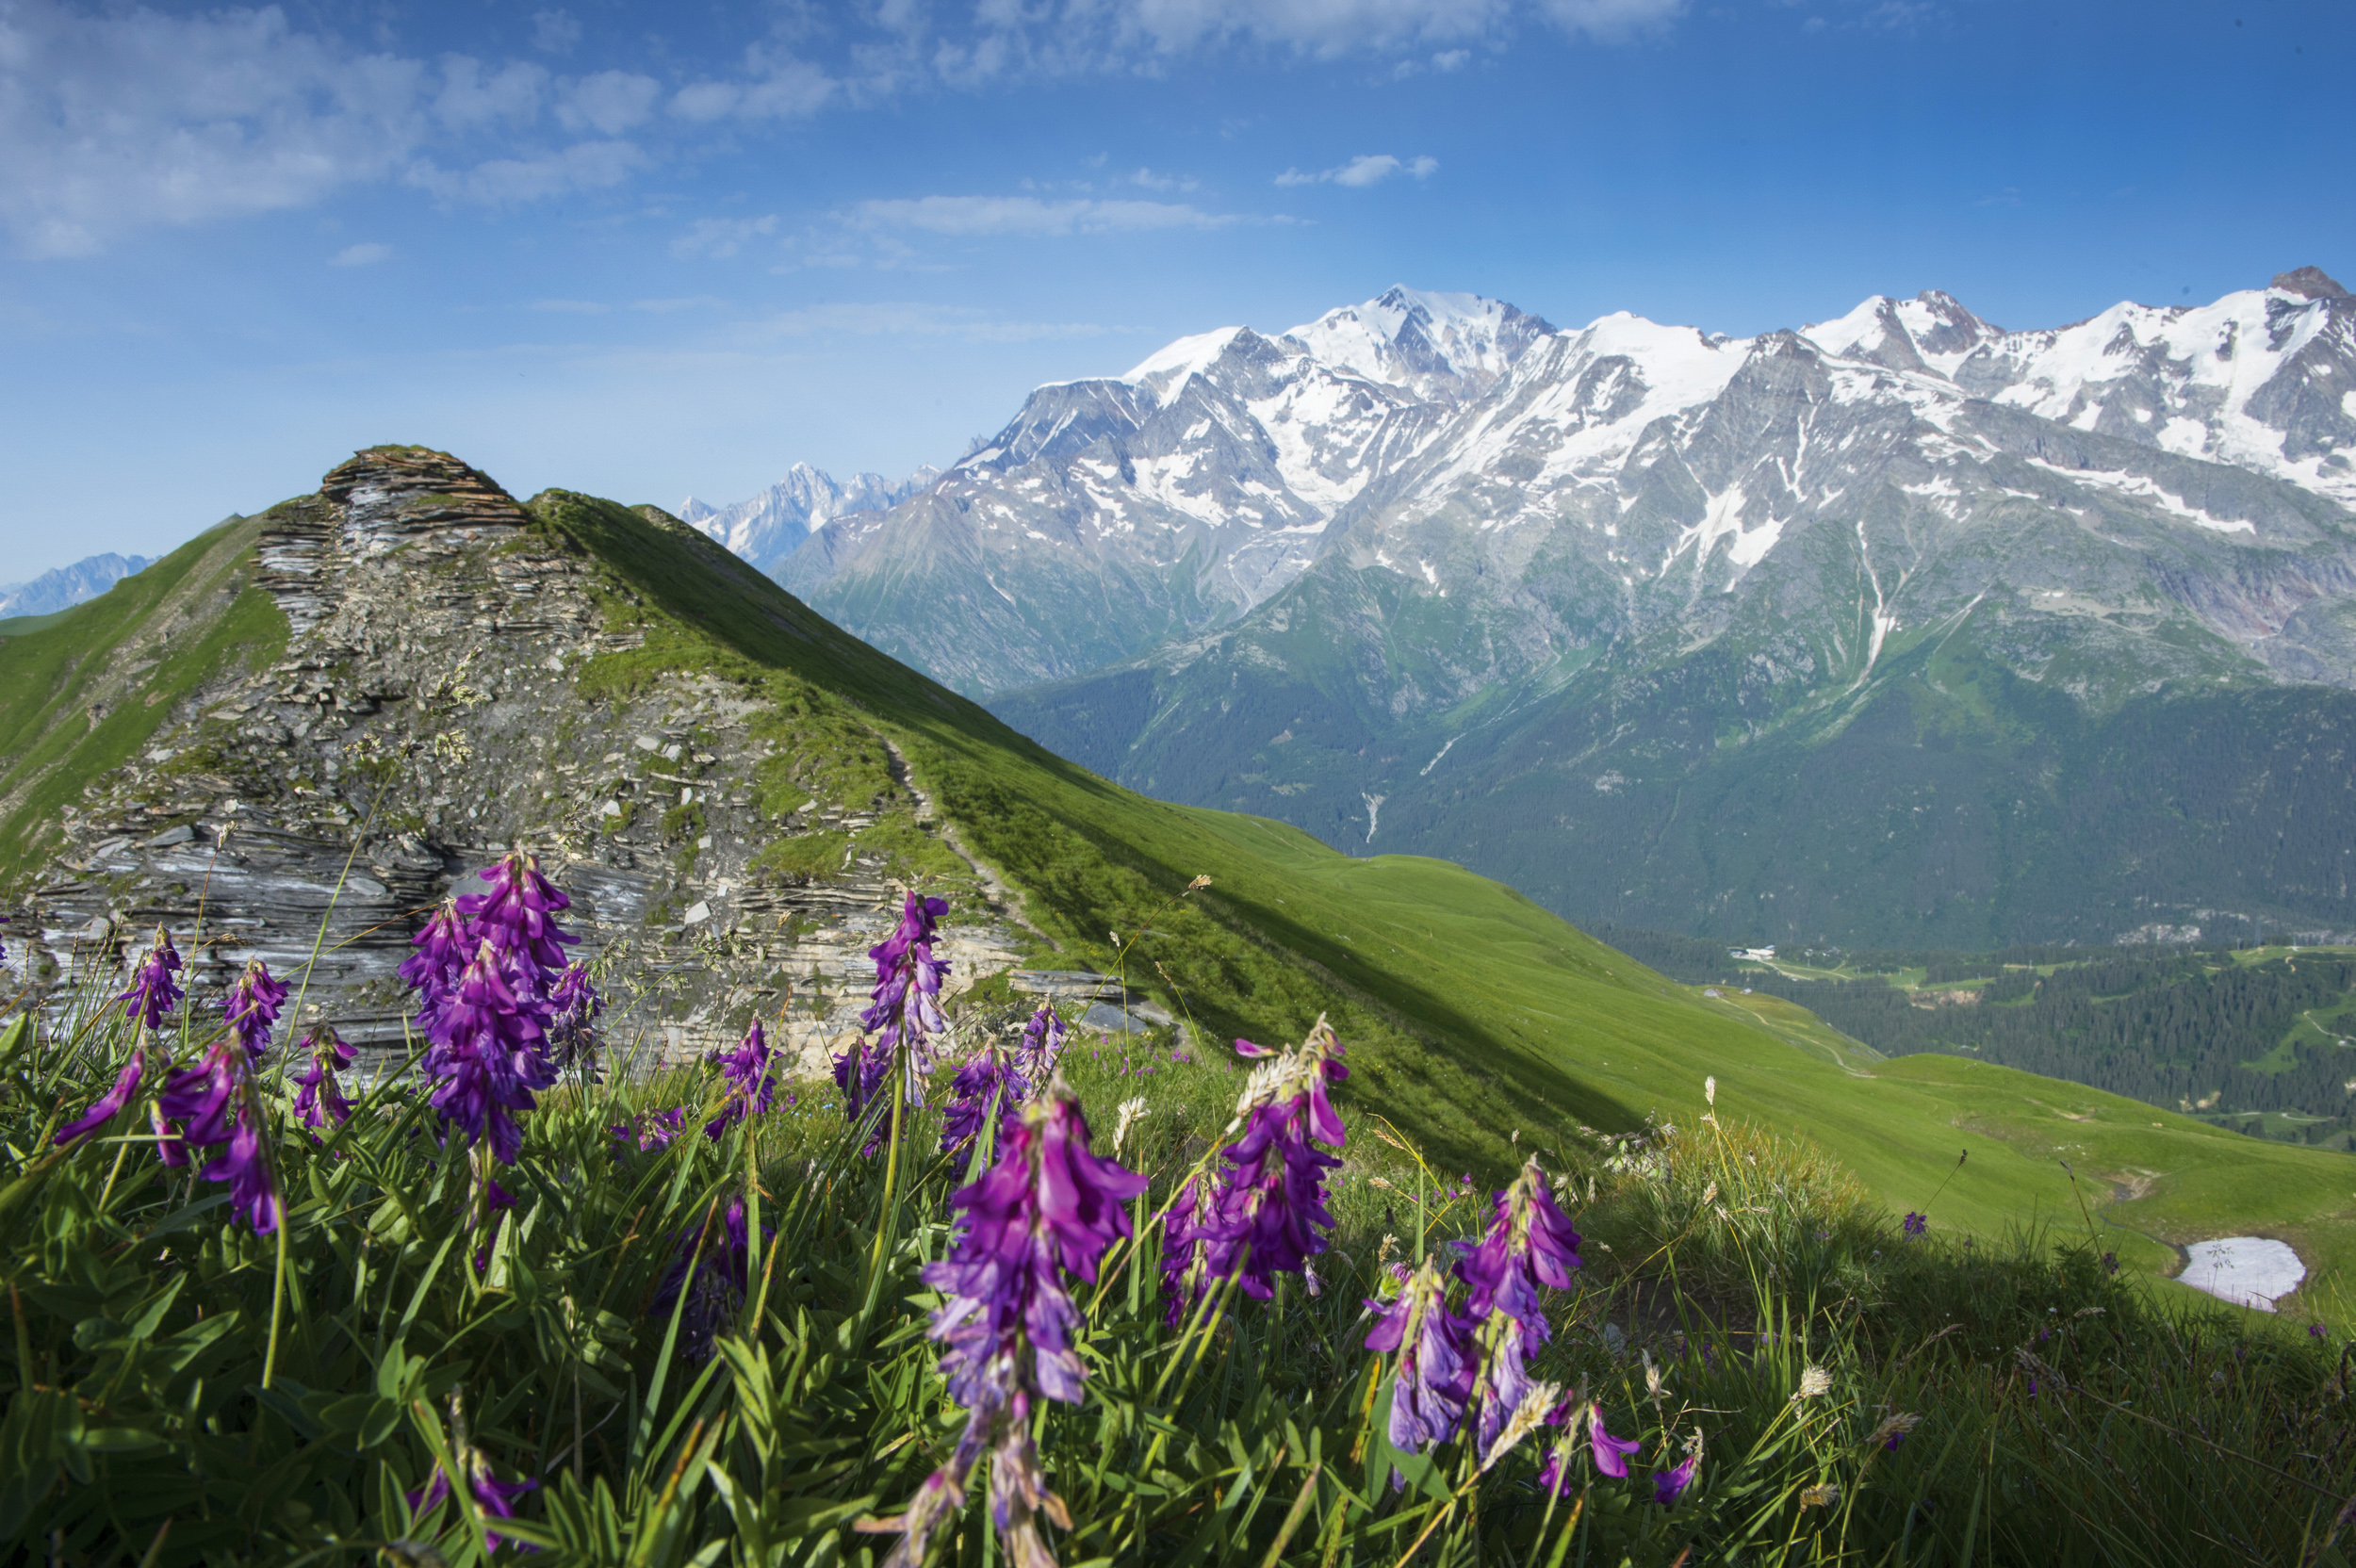 L'Aiguille Croche et le massif du Mont-Blanc